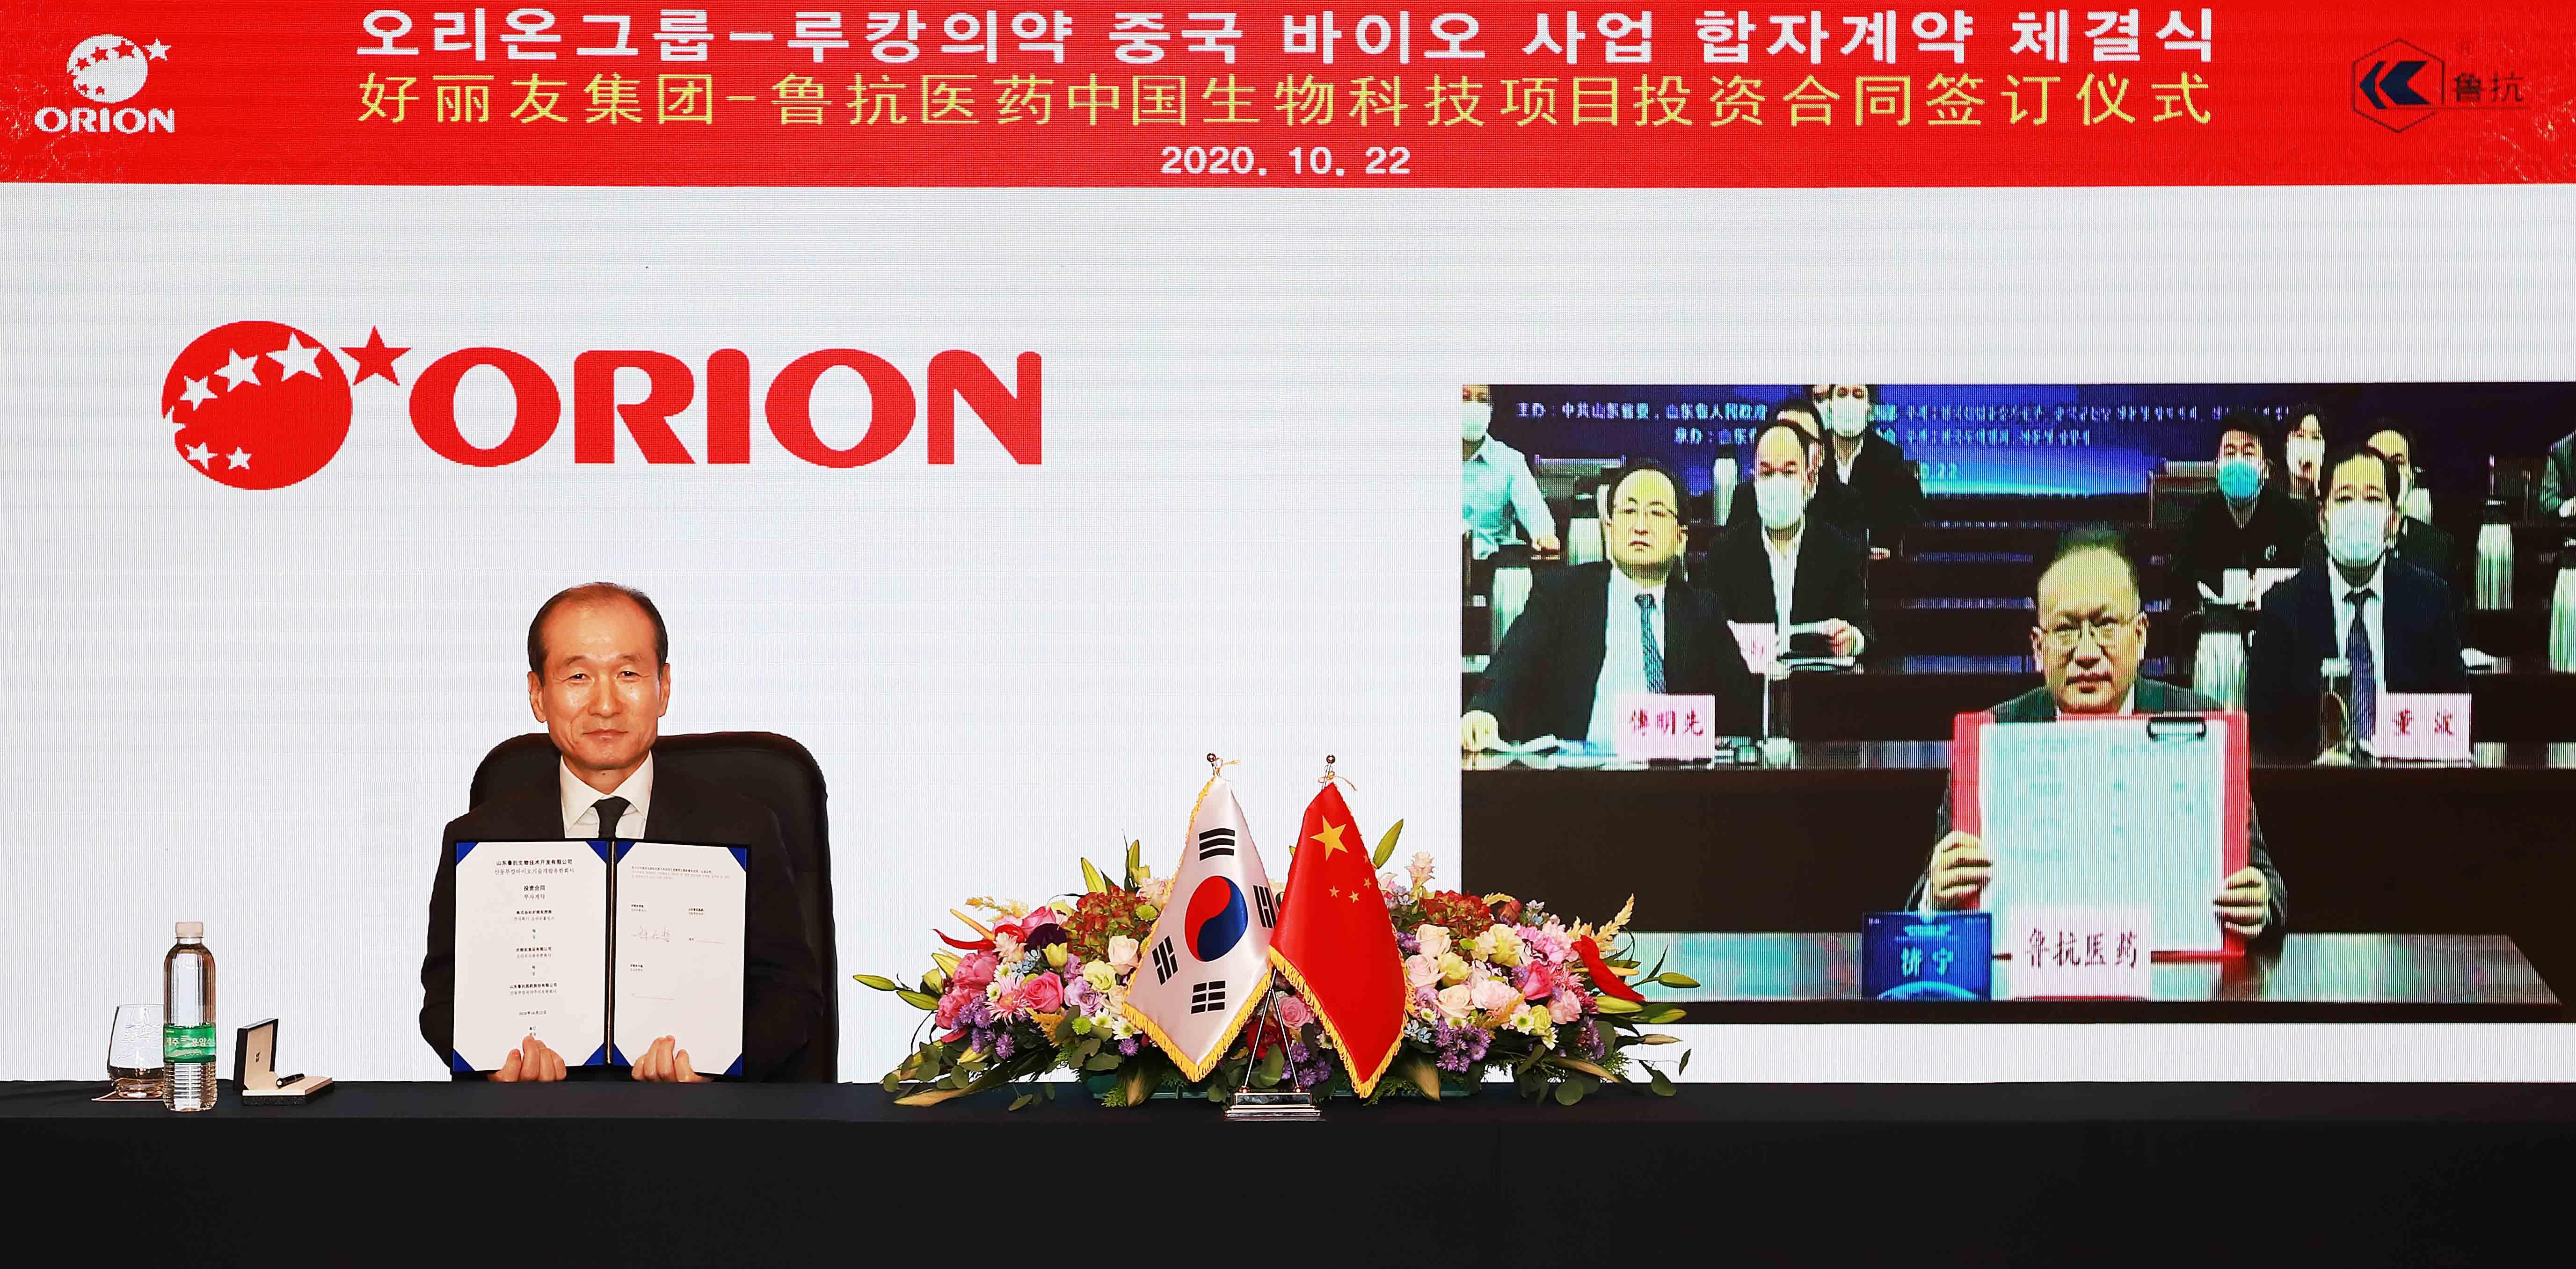 韩国好丽友正式进军中国生物科技市场